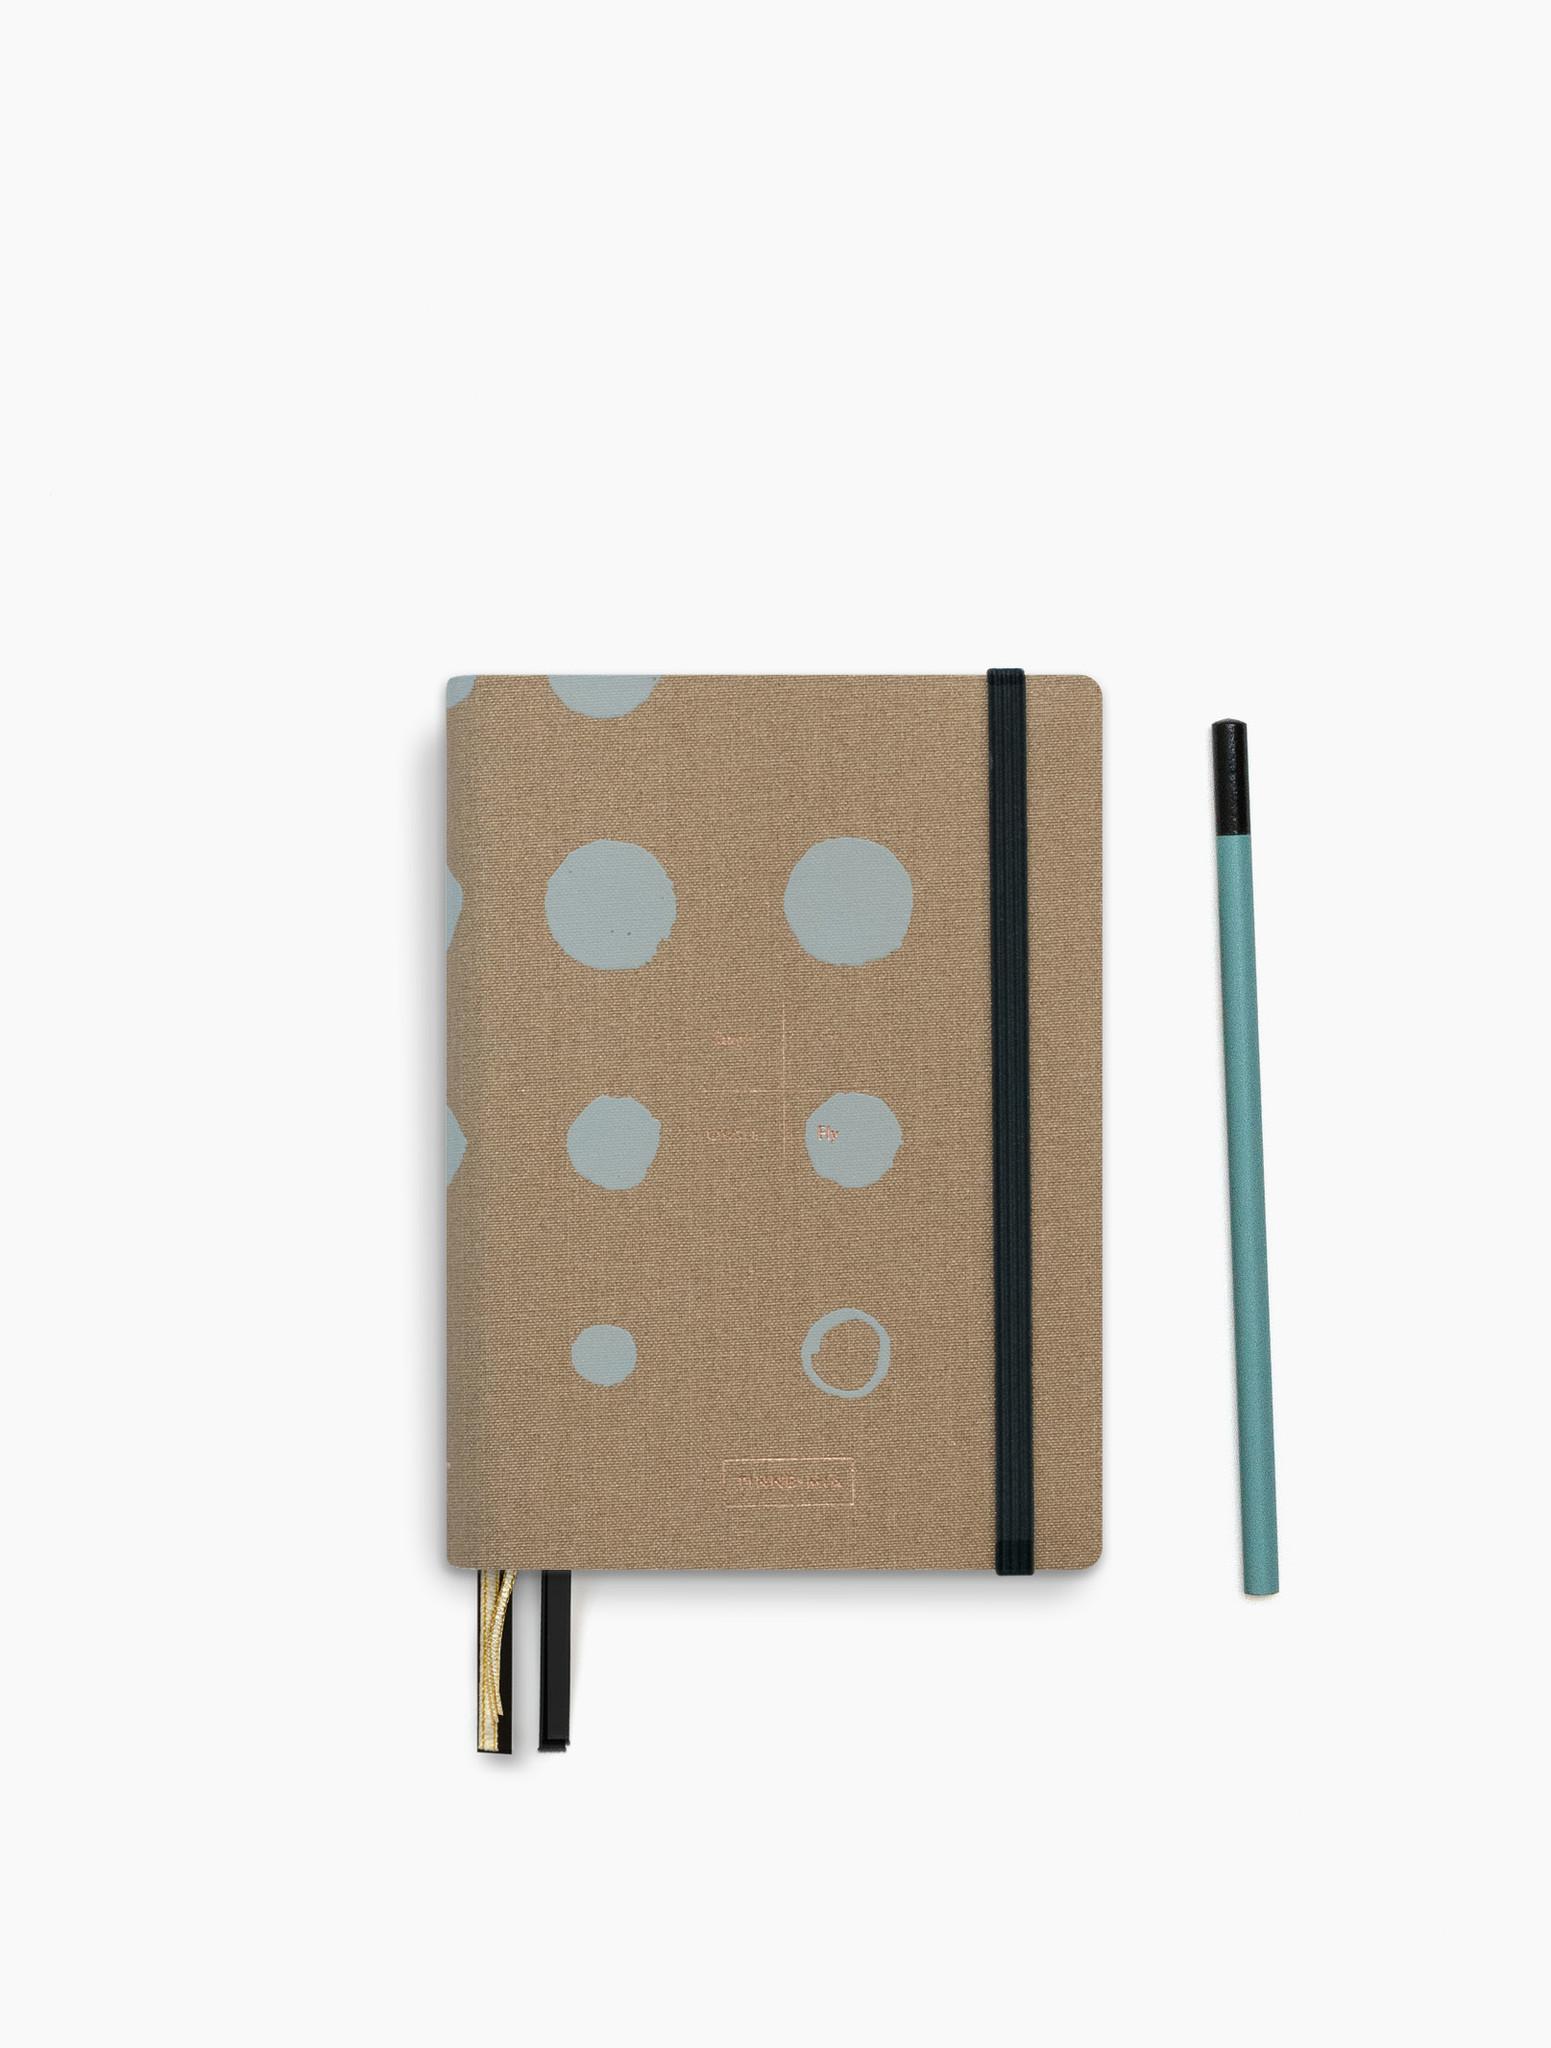 Adress Book - Mustard-1